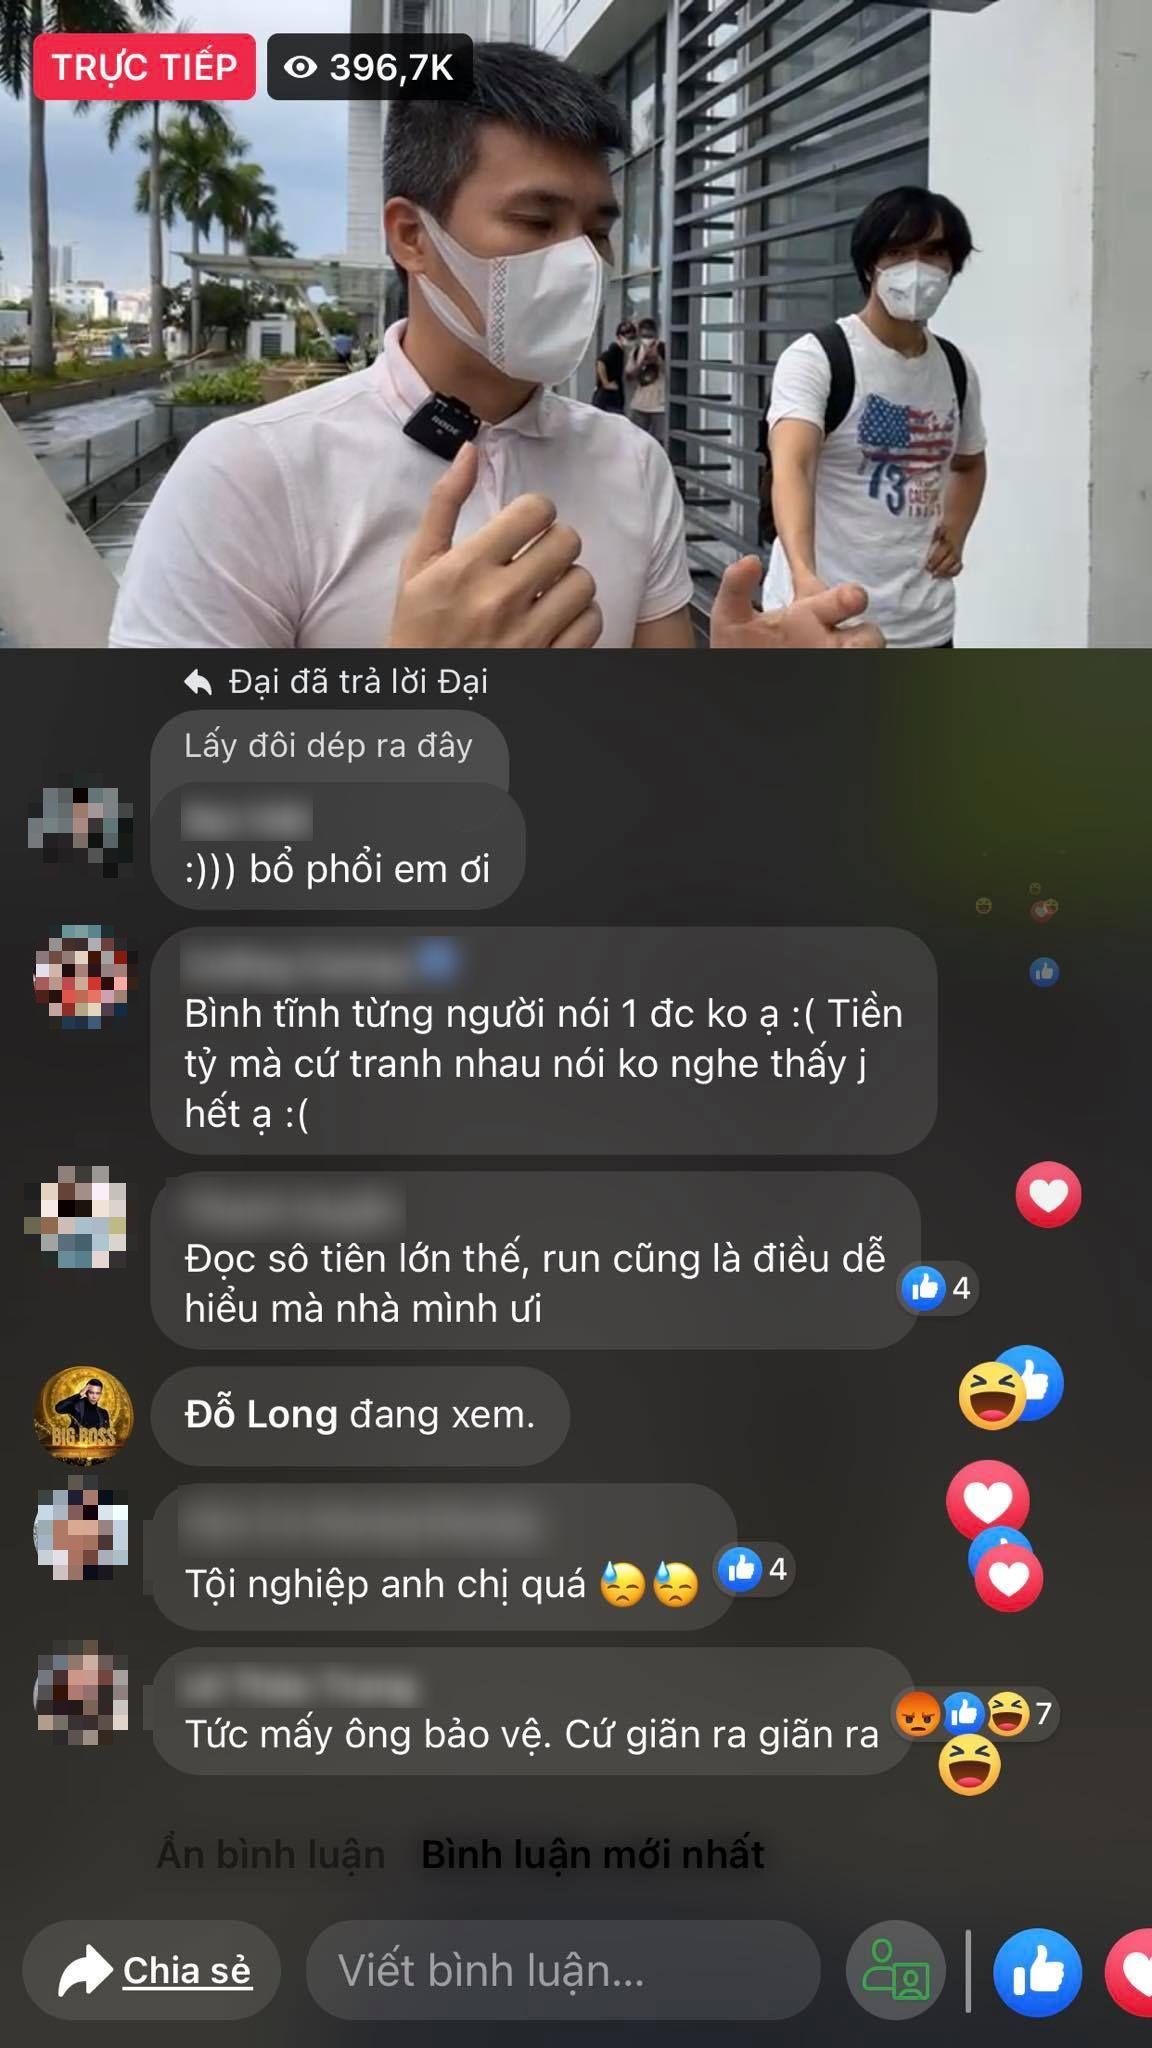 Sao Việt 'hóng' livestream của vợ chồng Thủy Tiên không kém dân mạng, thậm chí có cả 'tình cũ' Công Vinh 2